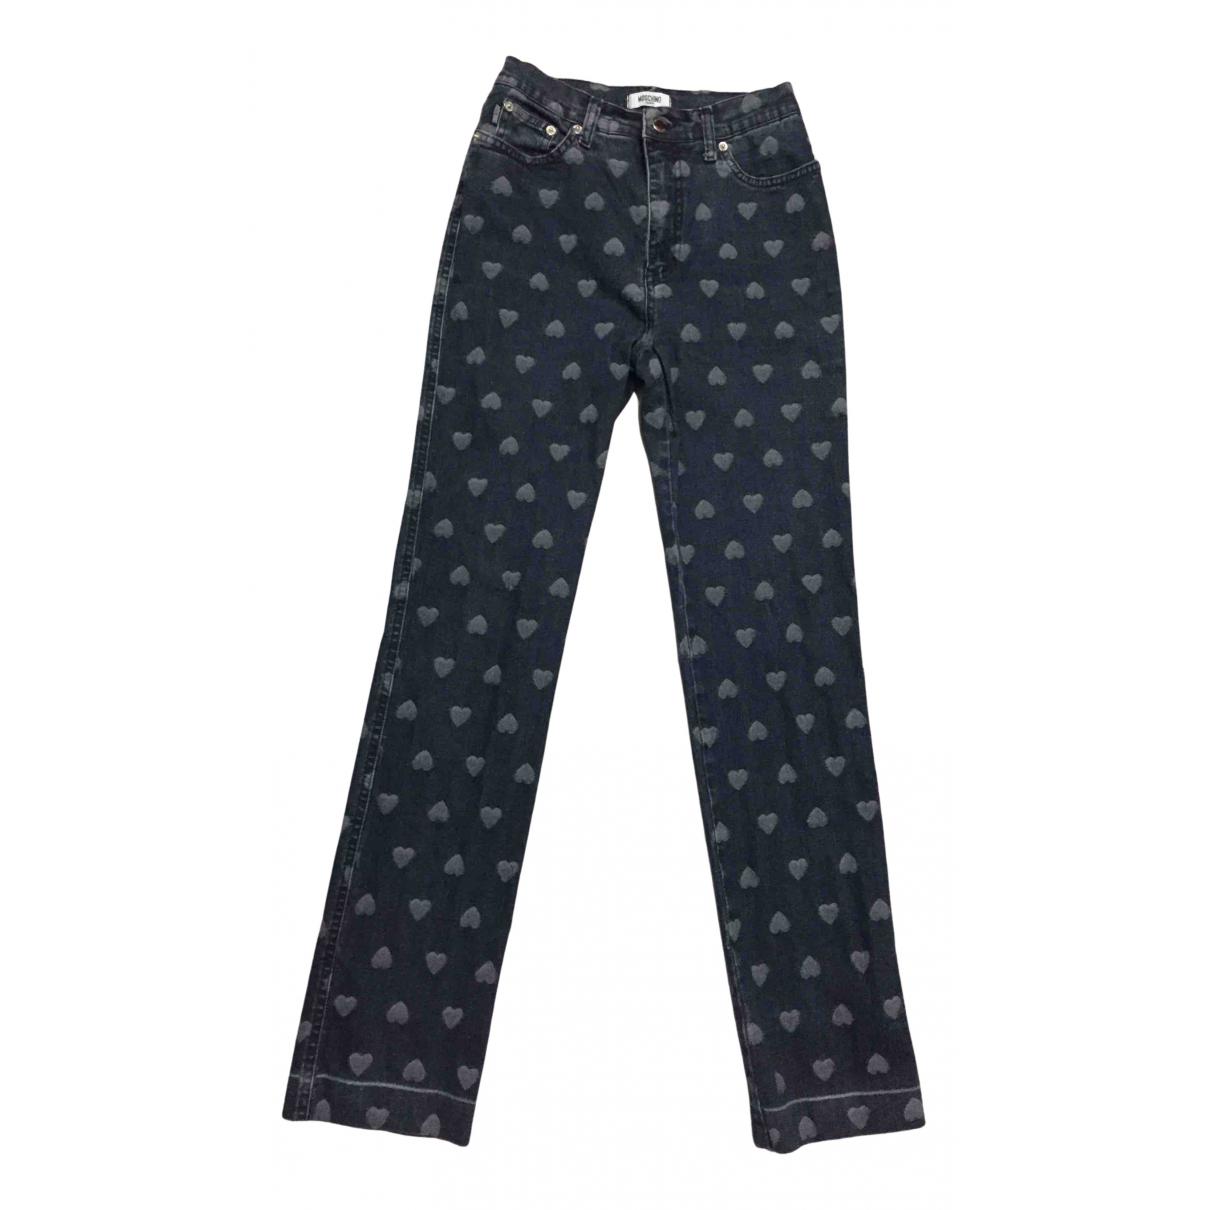 Pantalon en Denim - Vaquero Azul Moschino Cheap And Chic